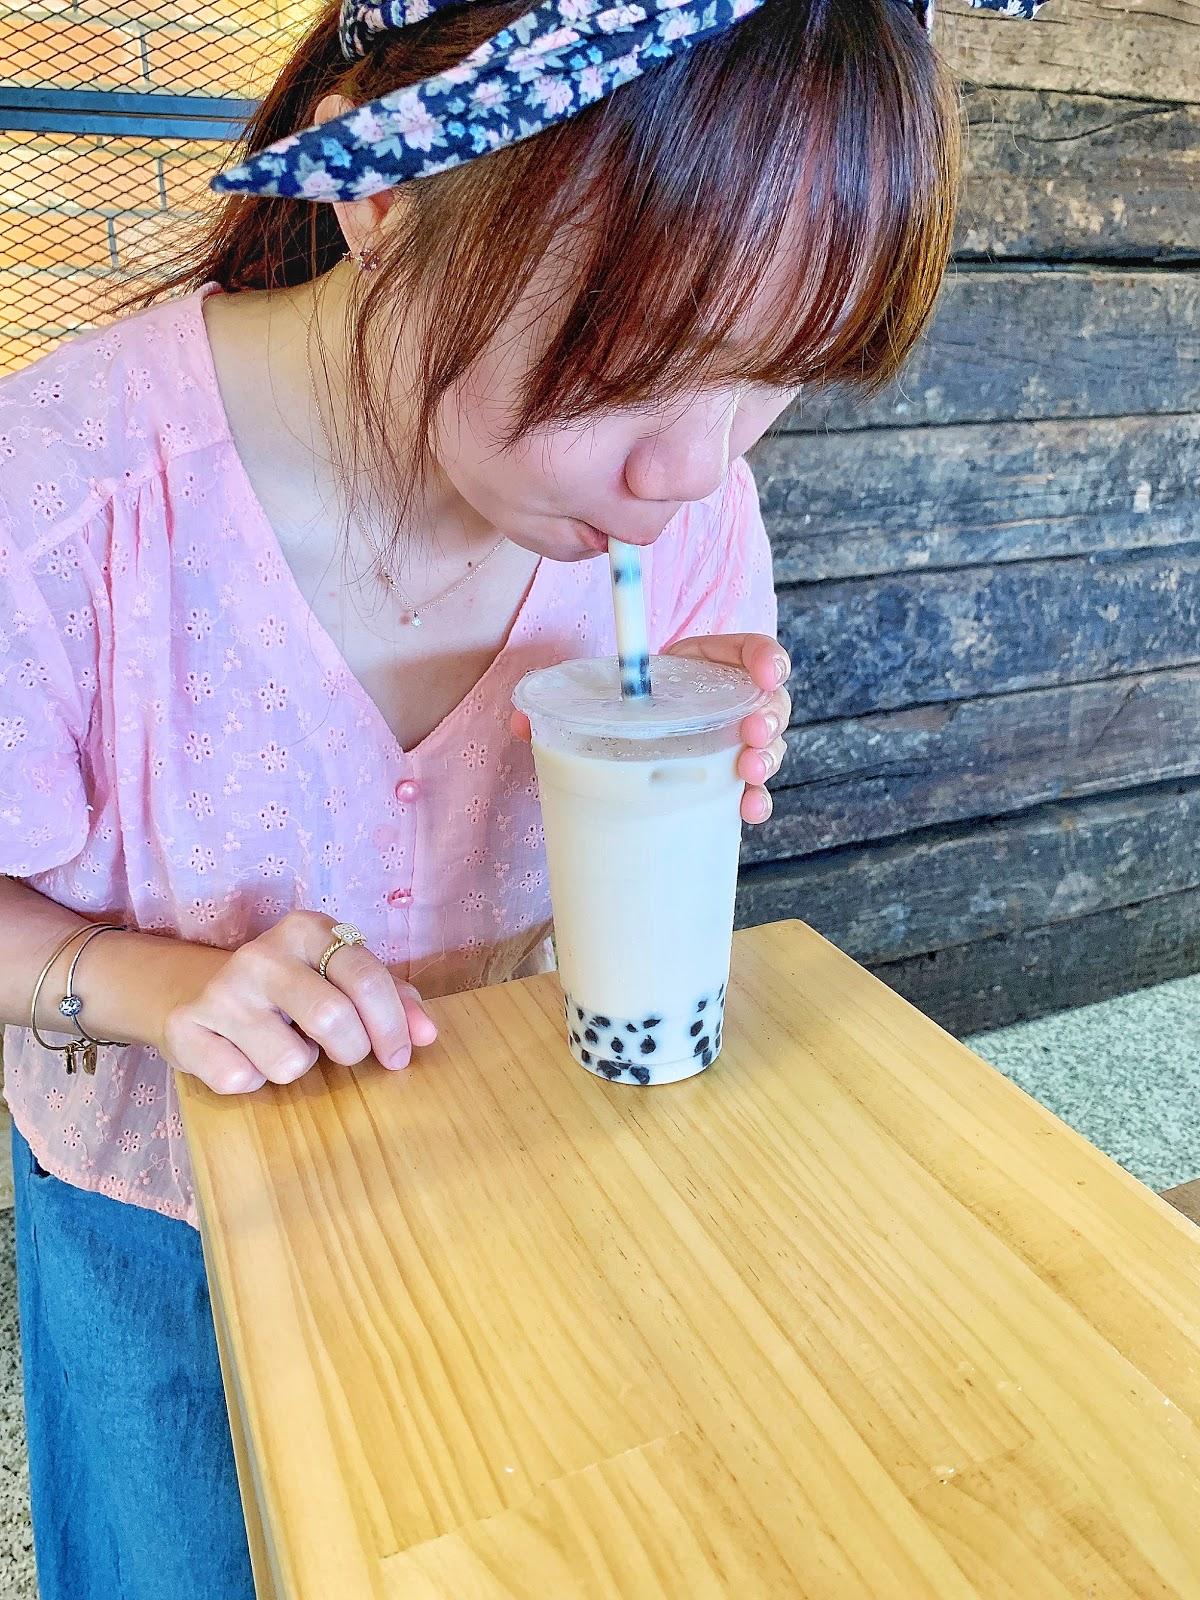 大力吸允專治口渴的波霸奶茶